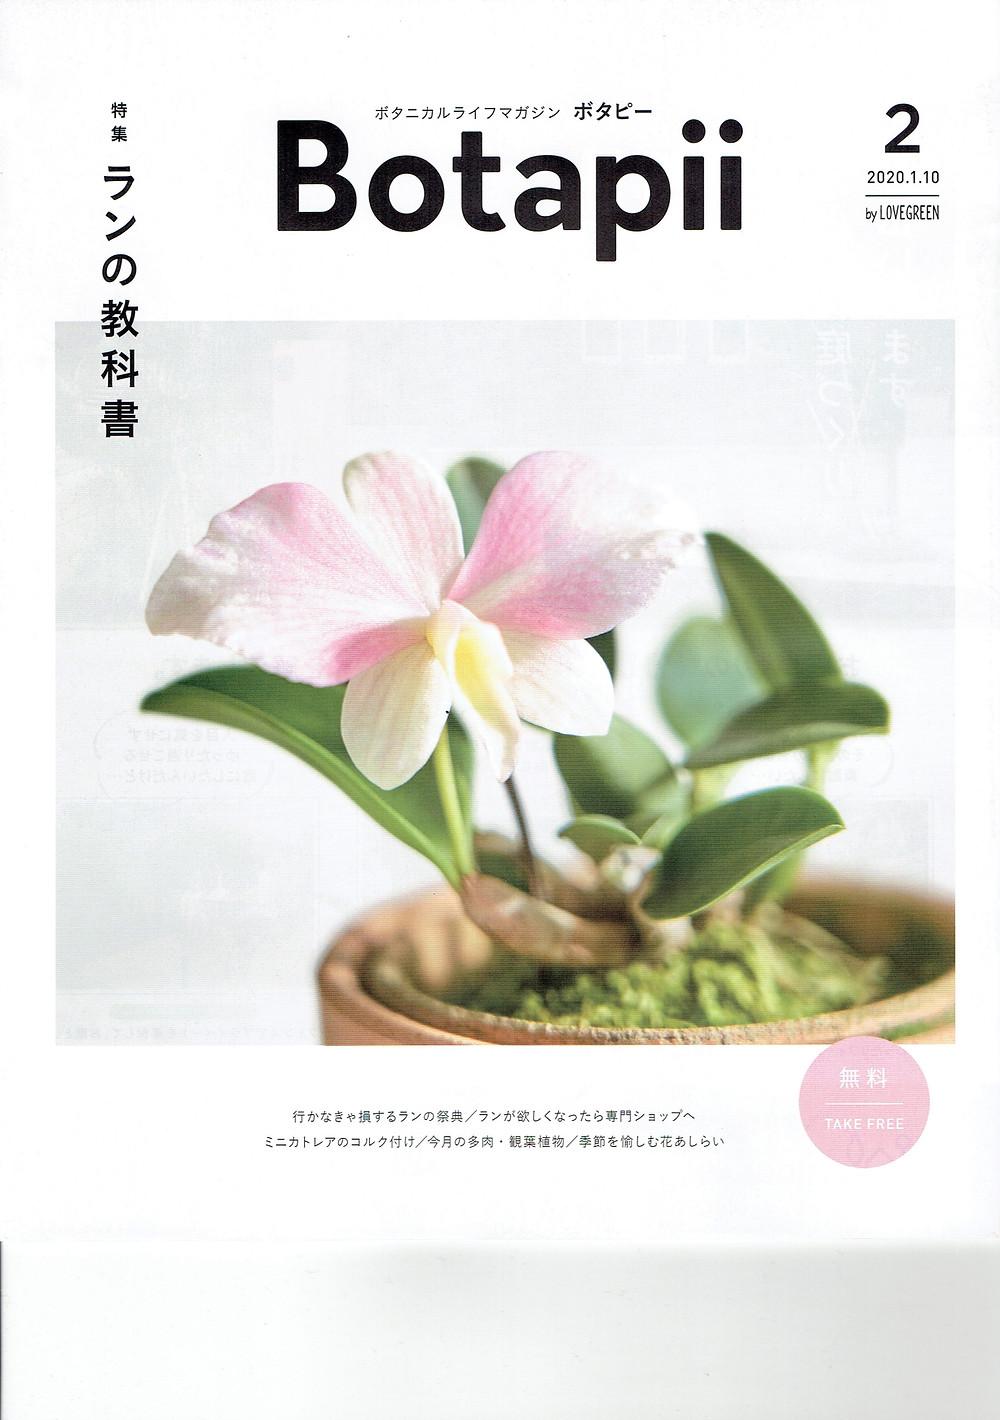 Botapii ボタピー 2月号